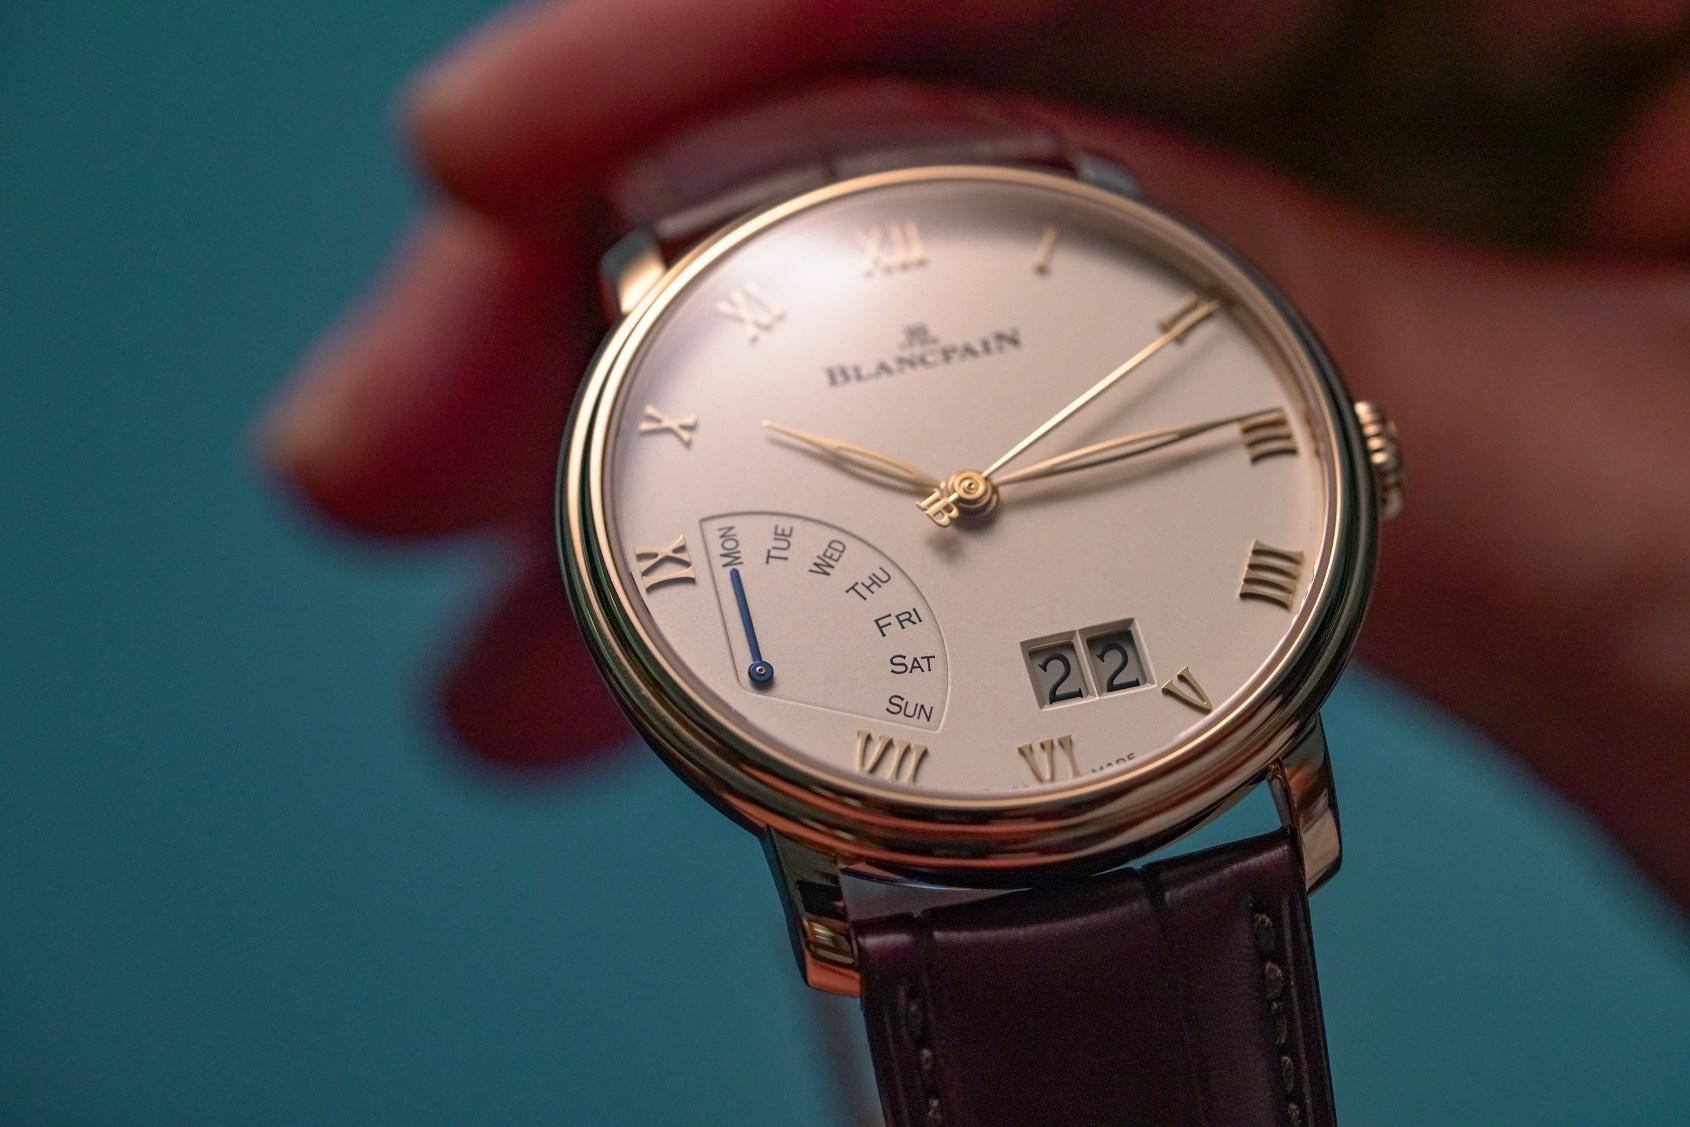 HANDS-ON: Everyday elegance – the Blancpain Villeret Grande Date Jour Rétrograde